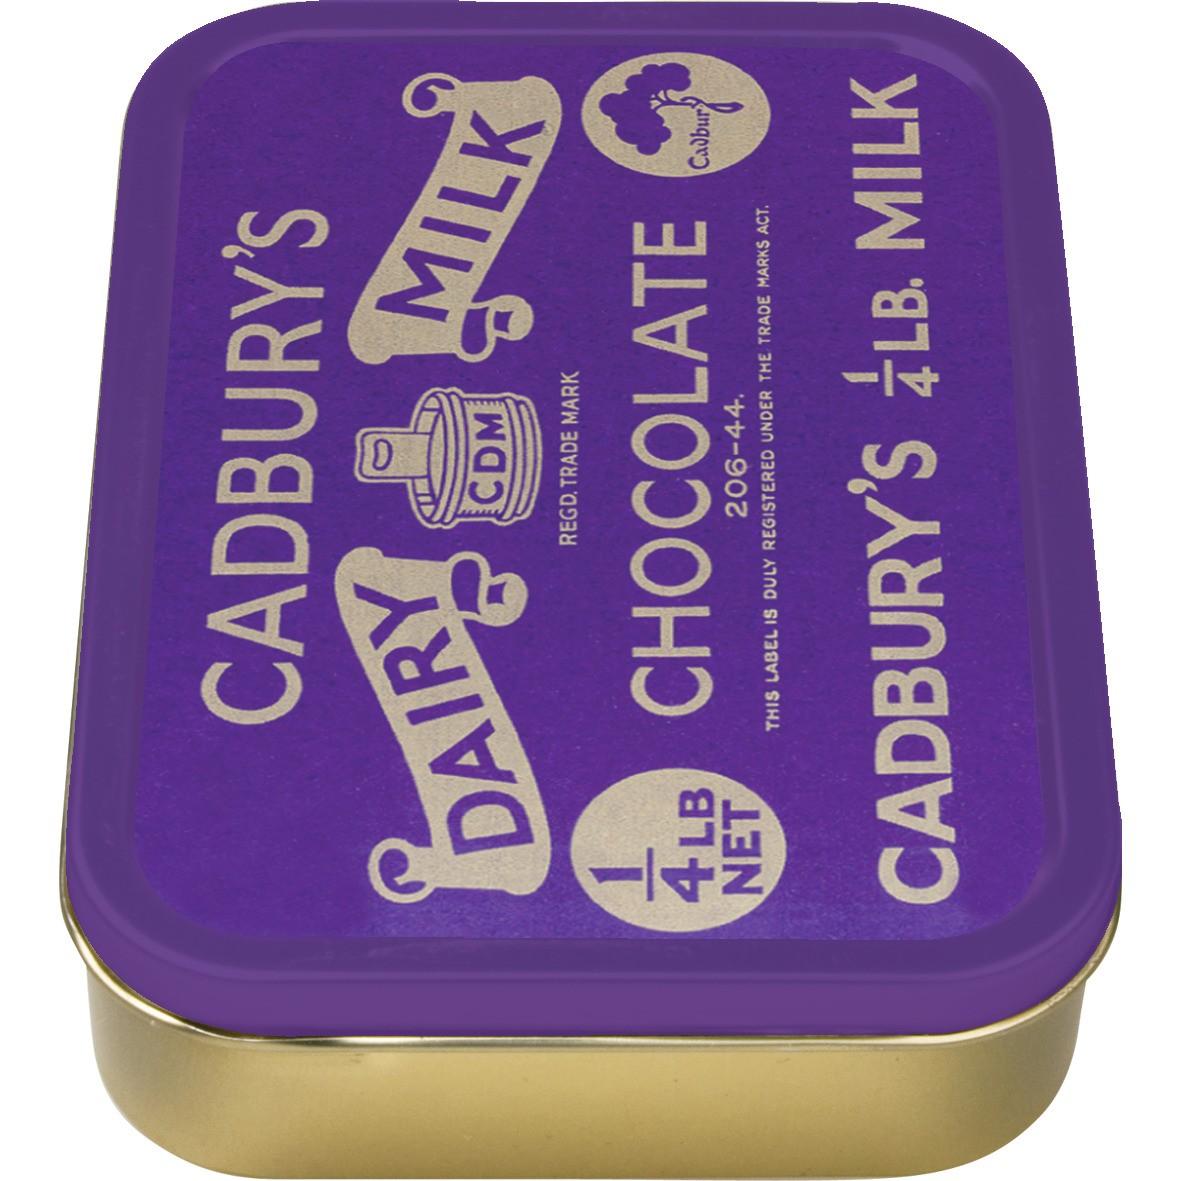 NEW 2oz CADBURYS DAIRY MILK TOBACCO COLLECTORS TIN VINTAGE CIGARETTE SMOKING AD